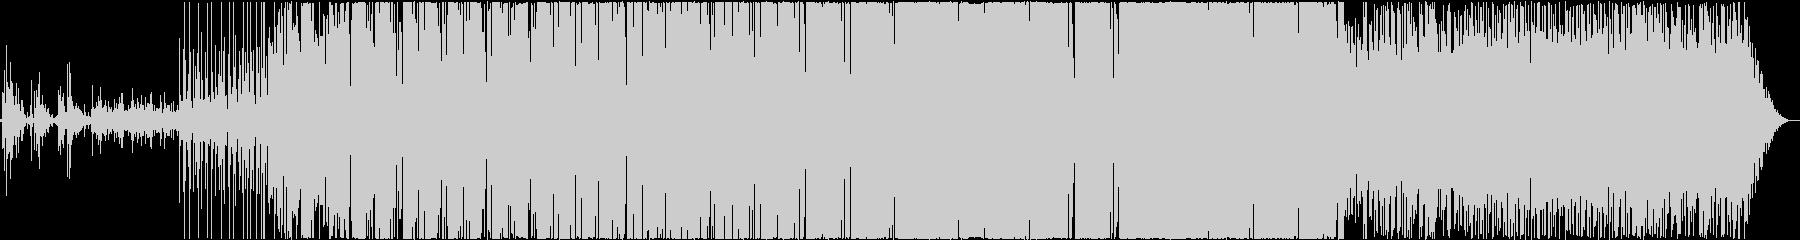 ファンキーでノリノリな曲の未再生の波形